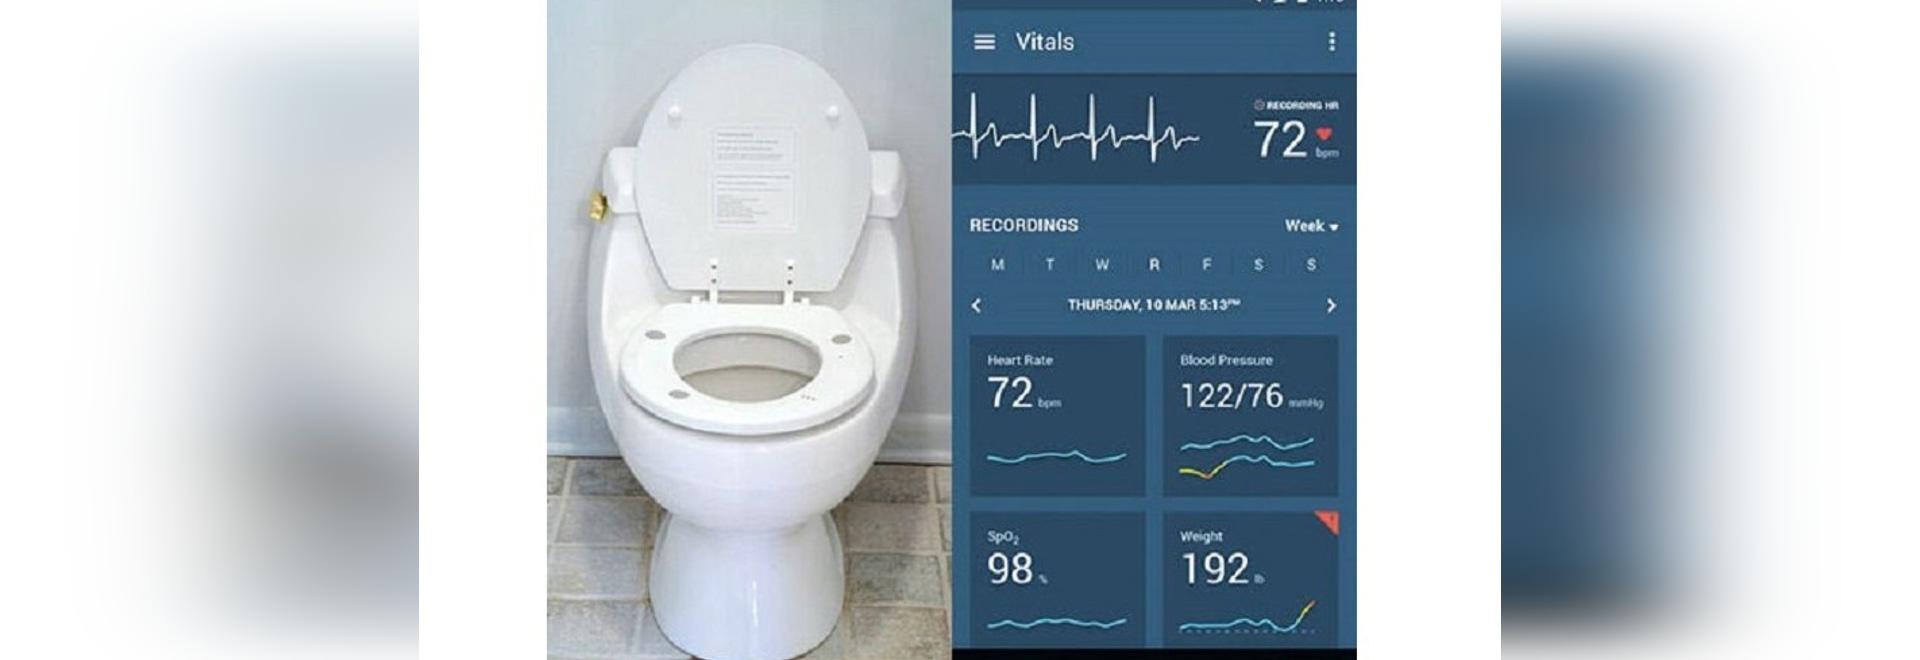 La toilette Seat misura automaticamente l'ospite dei parametri cardiaci per controllare la salute del cuore